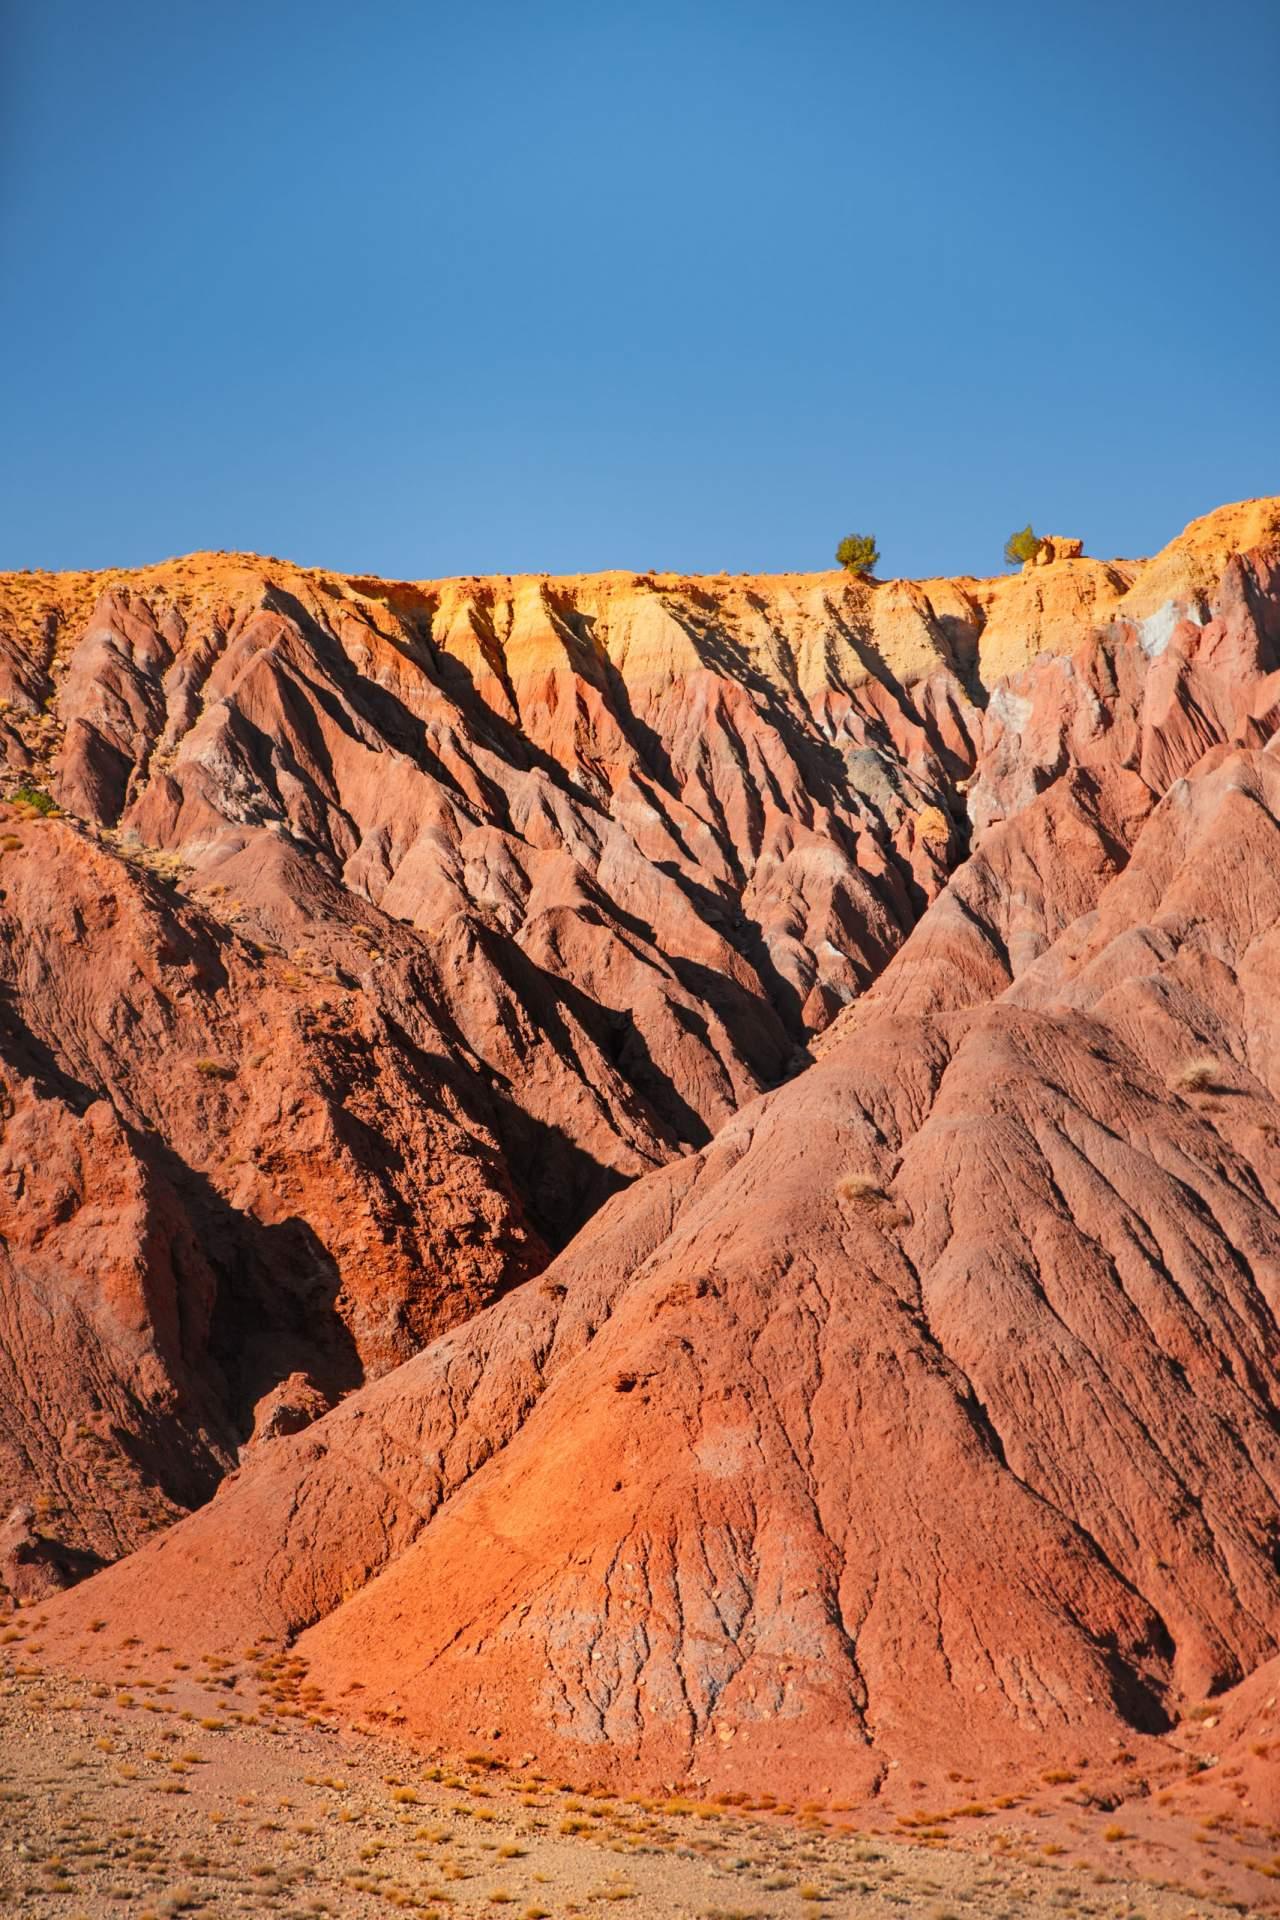 Steinwüste in Marokko